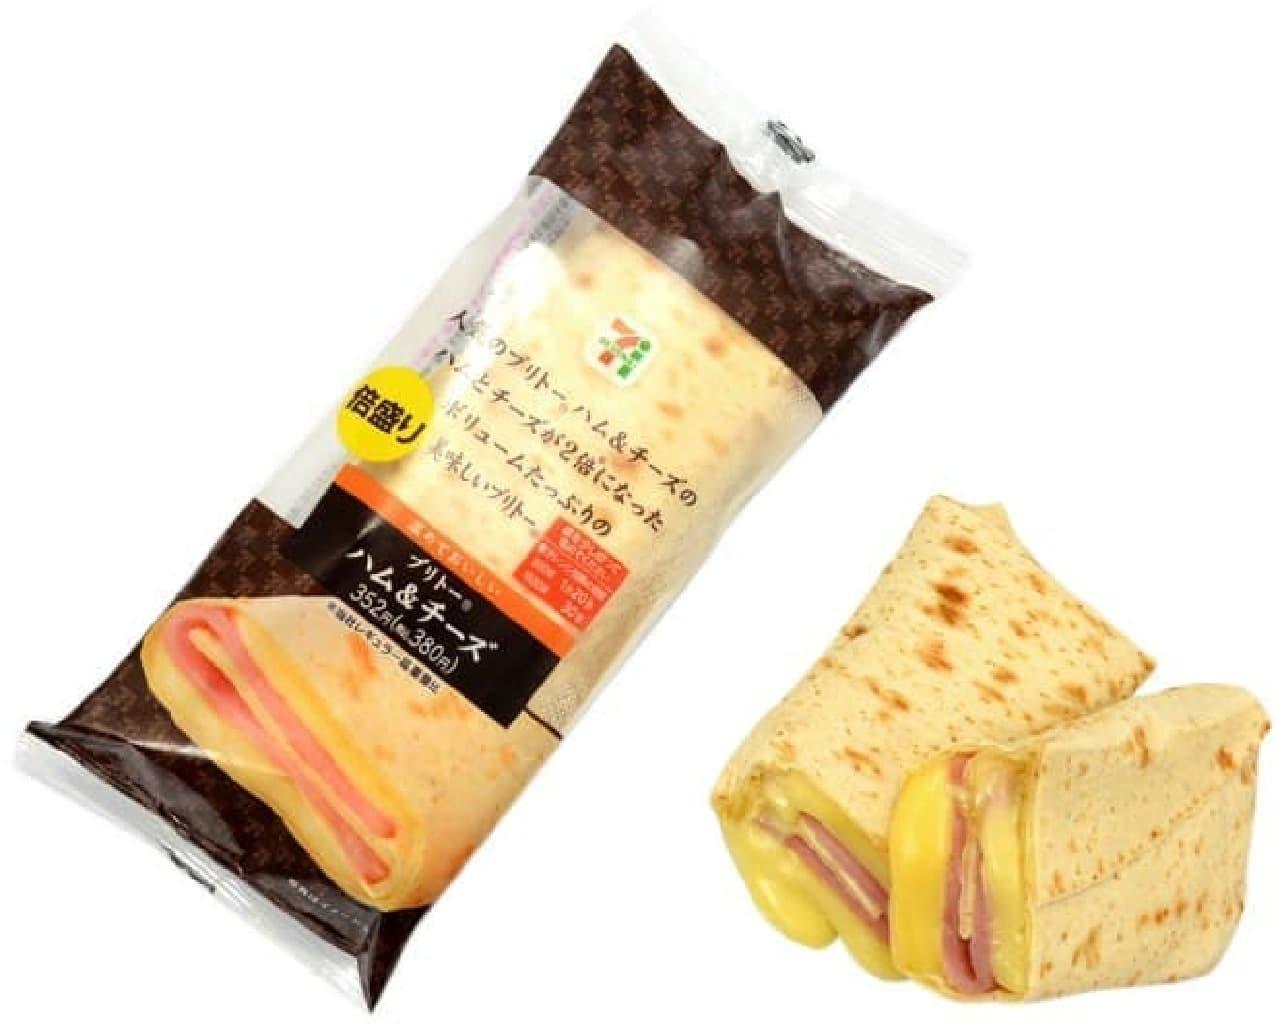 セブン-イレブン「ブリトー 倍盛りハム&チーズ」